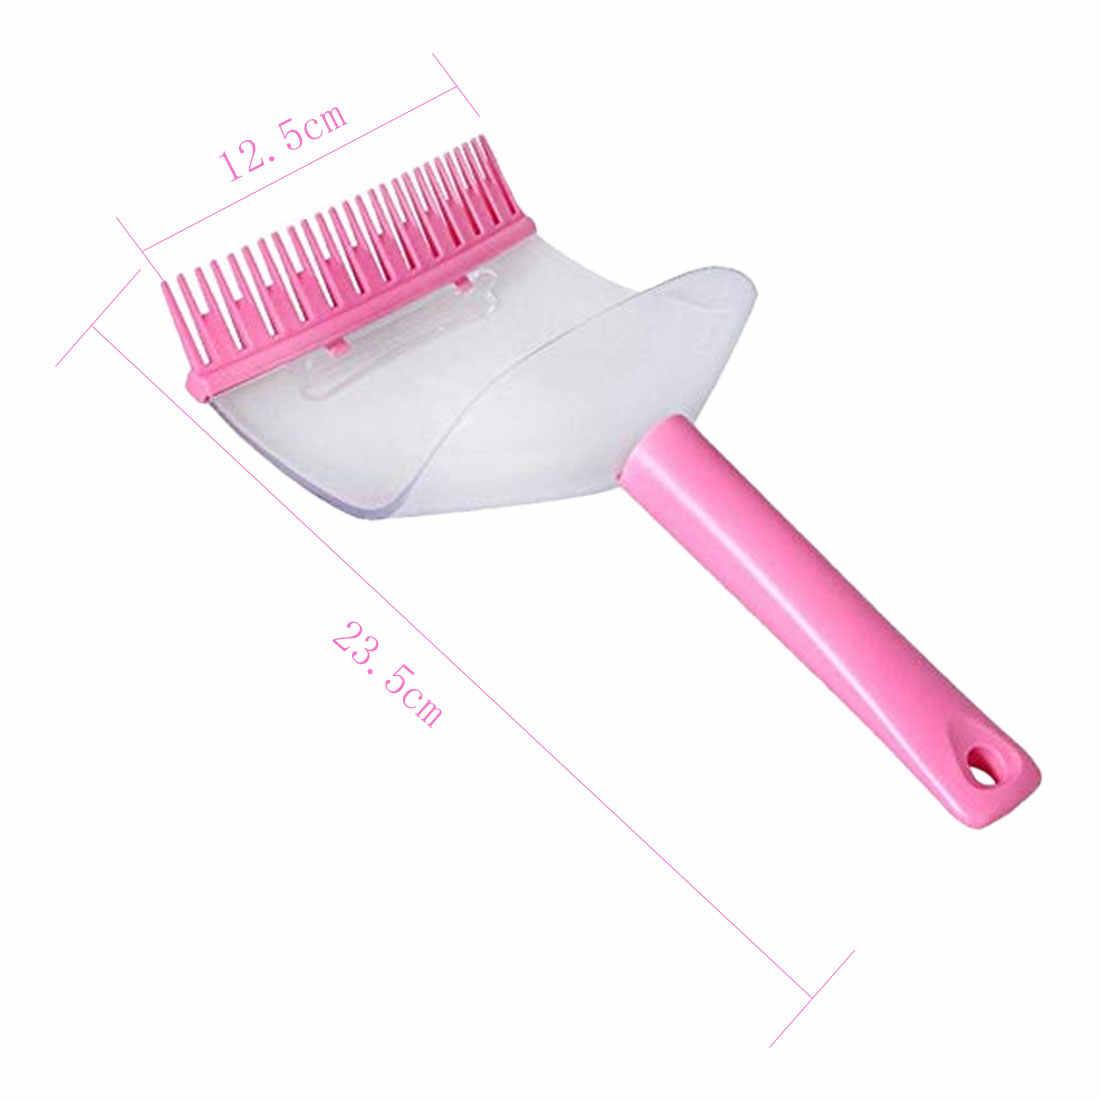 1 шт. челка Обрезка артефакт прозрачная стрижка расческа для челки инструмент для стрижки волос 2 в 1 машинка для стрижки волос Триммер Сторонник